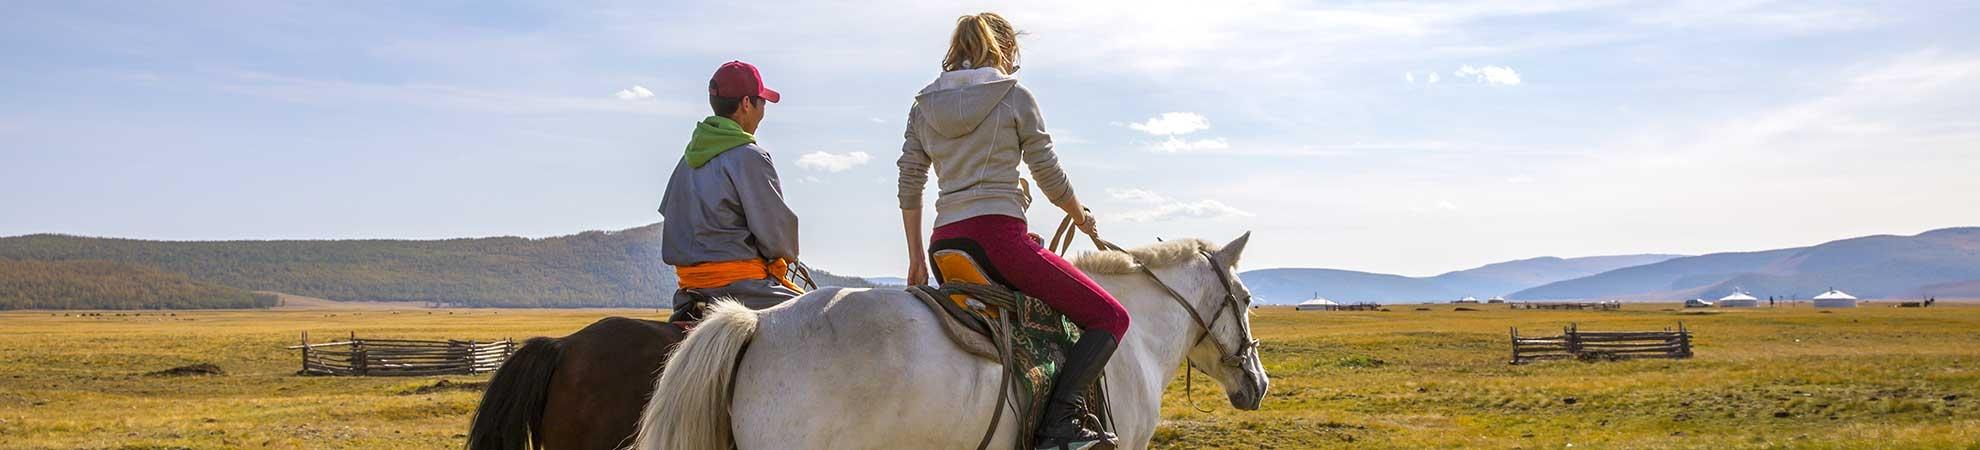 Activités sport et loisirs en Mongolie